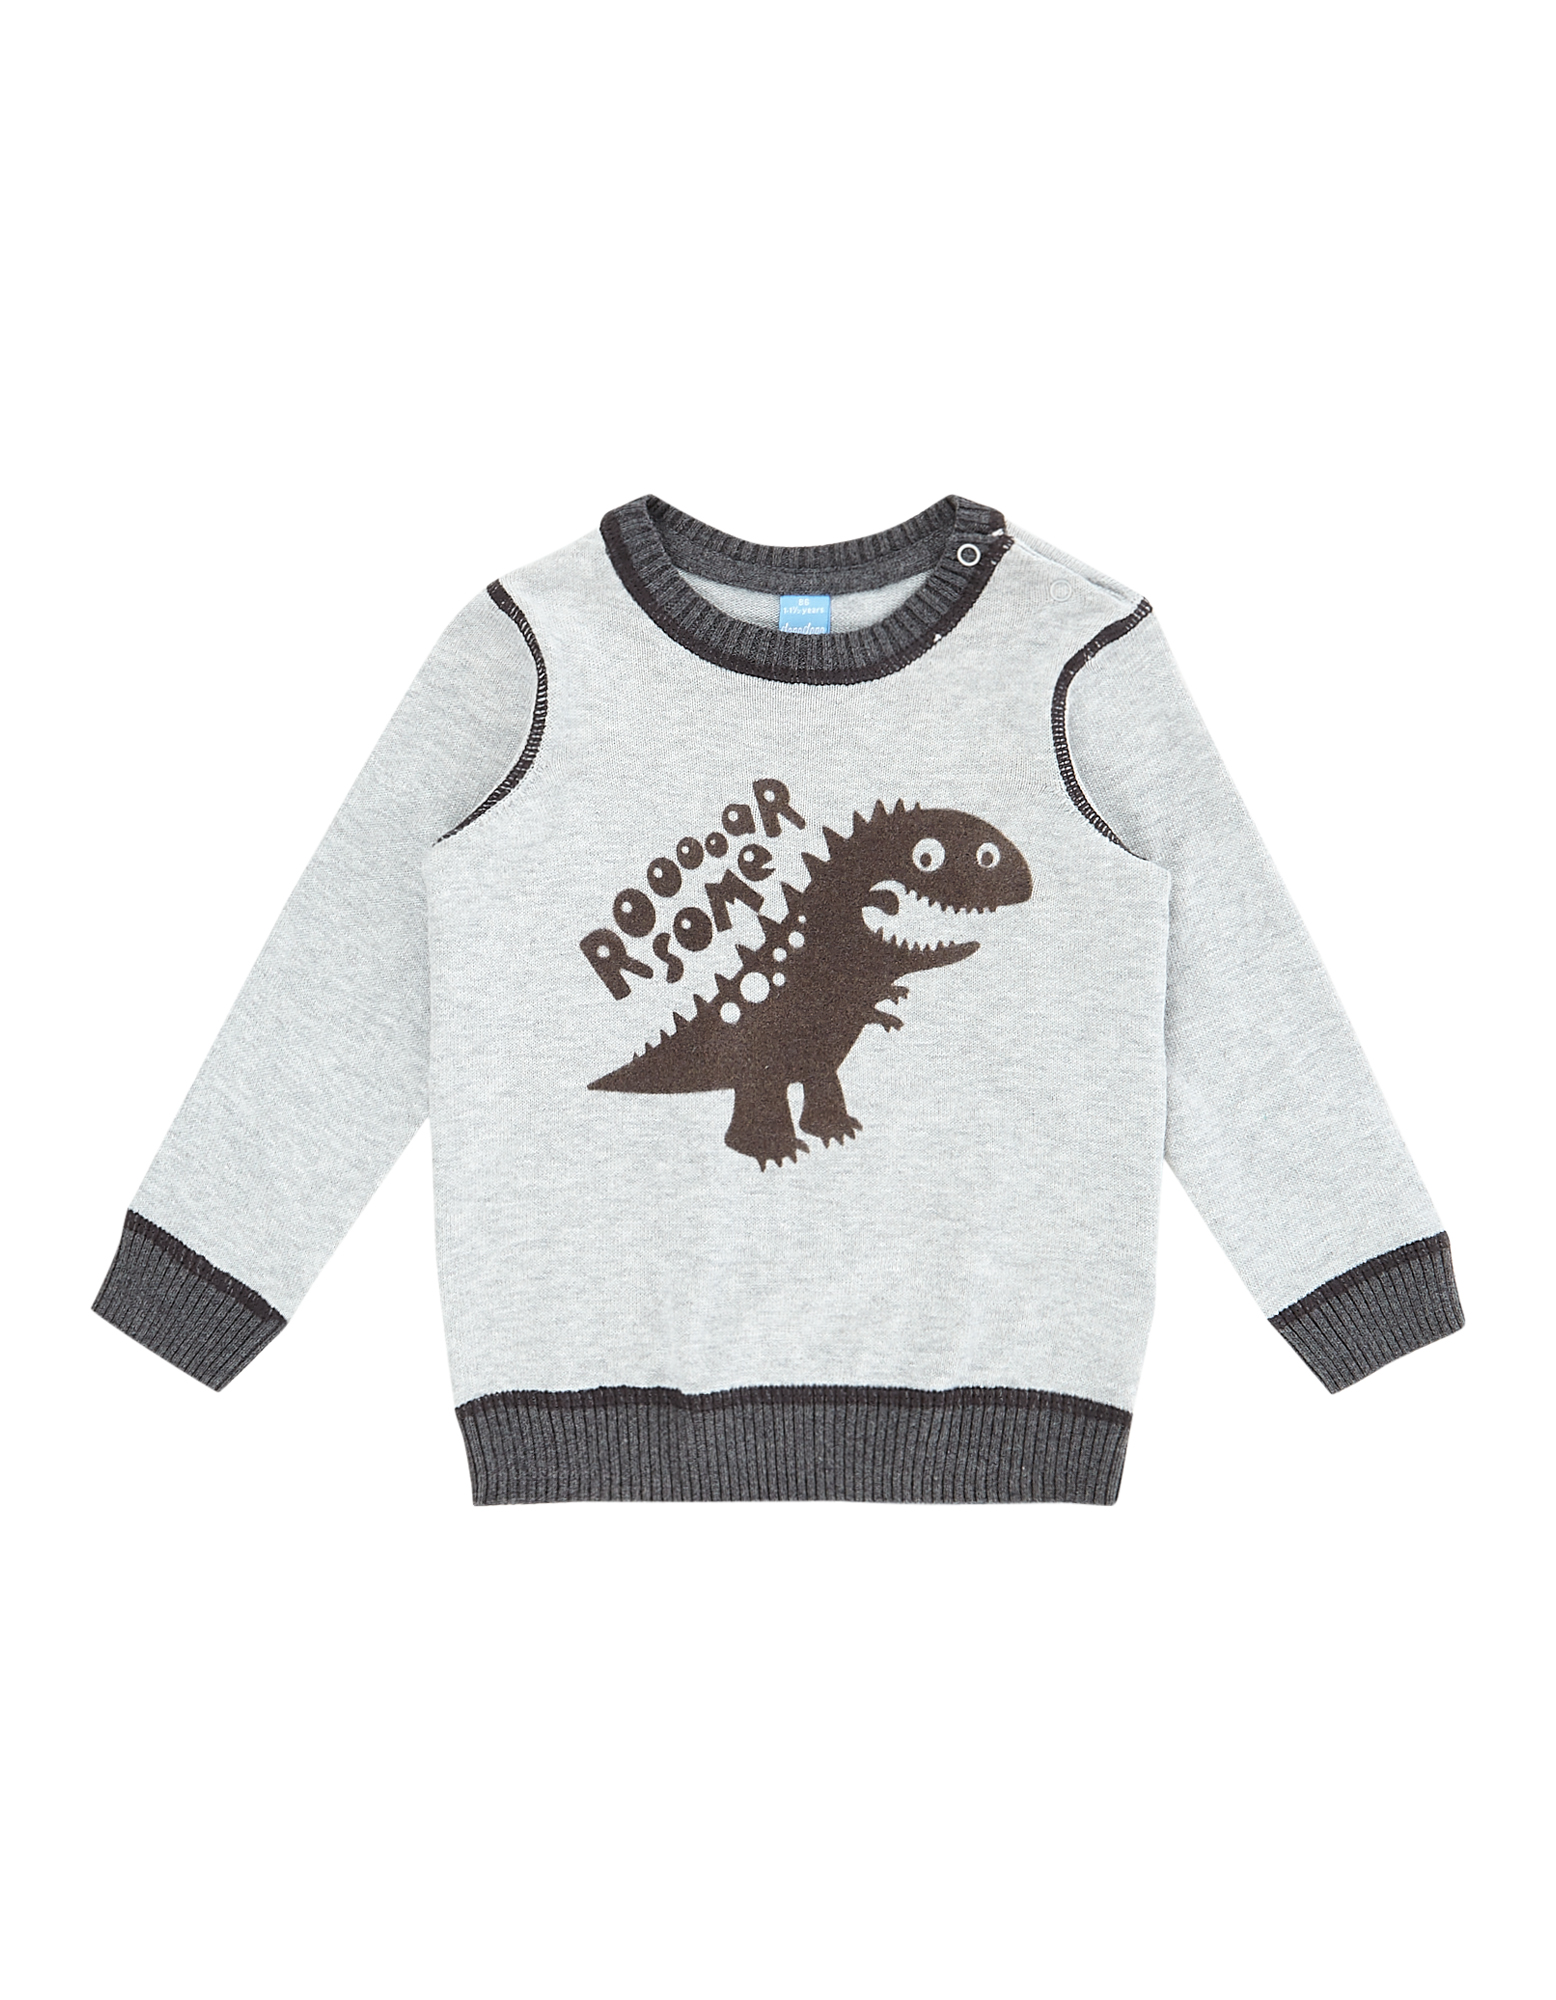 Baby Strickpullover mit Dinosaurier-Flockprint    81530021370509